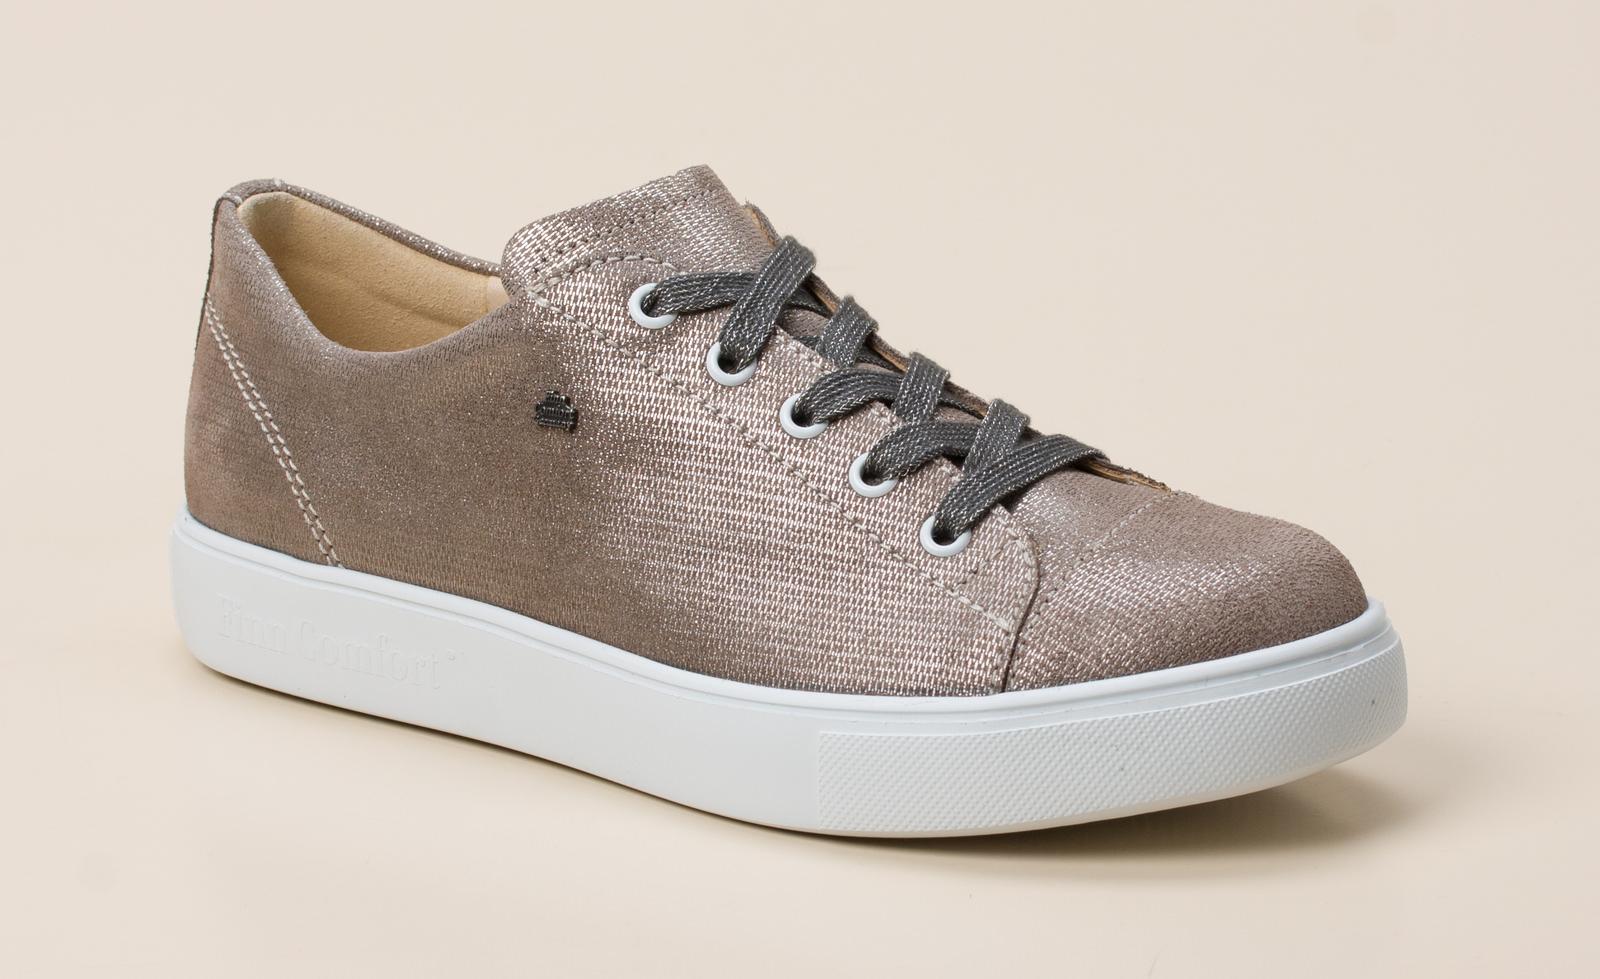 b0d4ff7cf093 Finn Comfort Damen Schnürschuh in beige-grau kaufen   Zumnorde ...